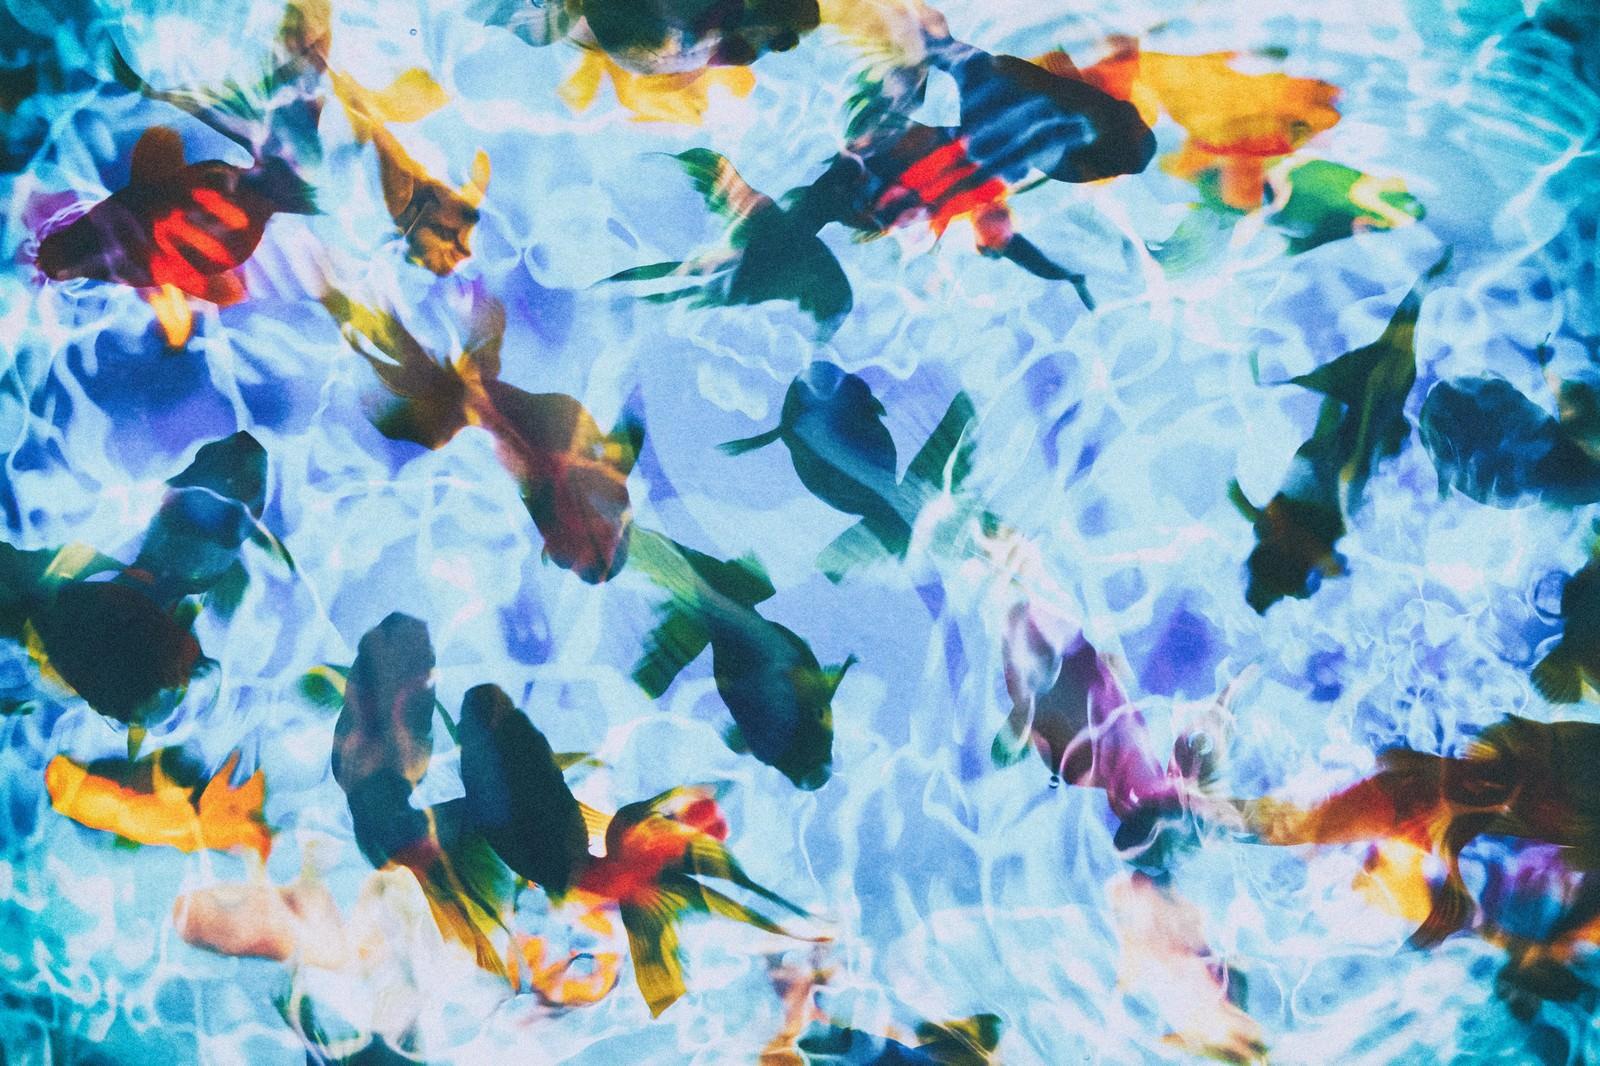 「波紋と金魚(フォトモンタージュ)」の写真